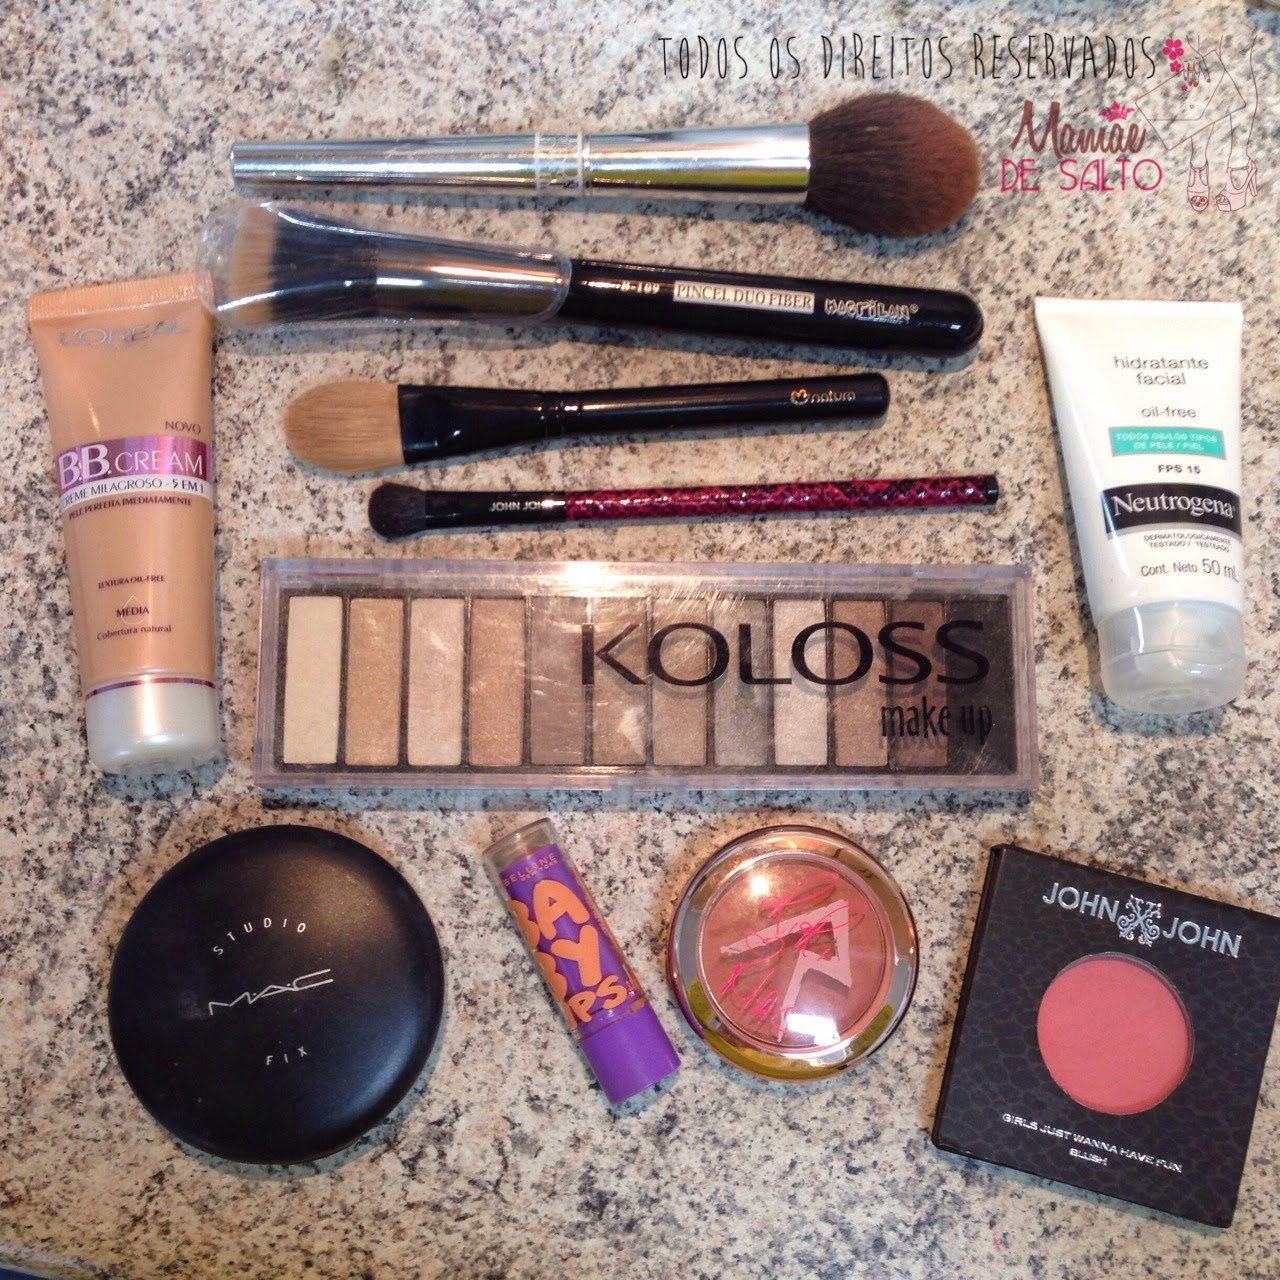 tutorial maquiagem básica da mamãe lista de produtos usados - todos os direitos reservados ao blog Mamãe de Salto